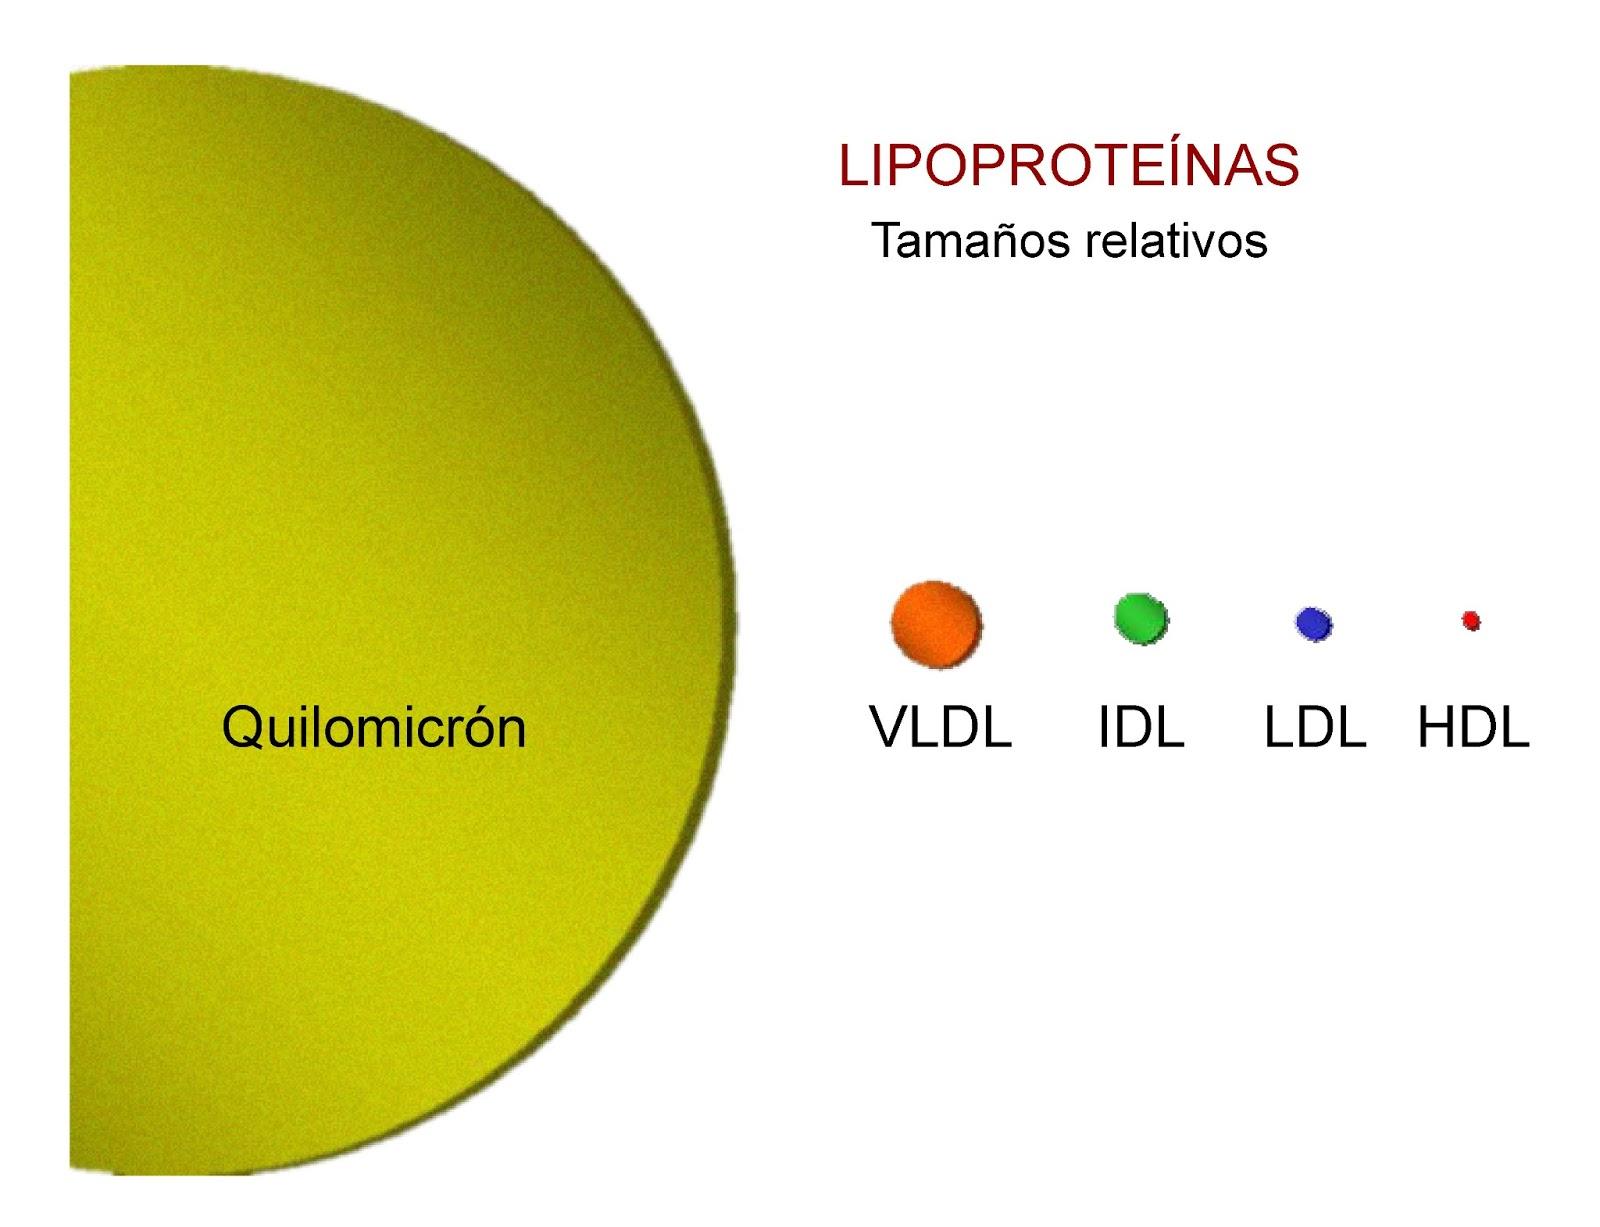 Tamaño comparativo de las principales lipoproteínas de la sangre